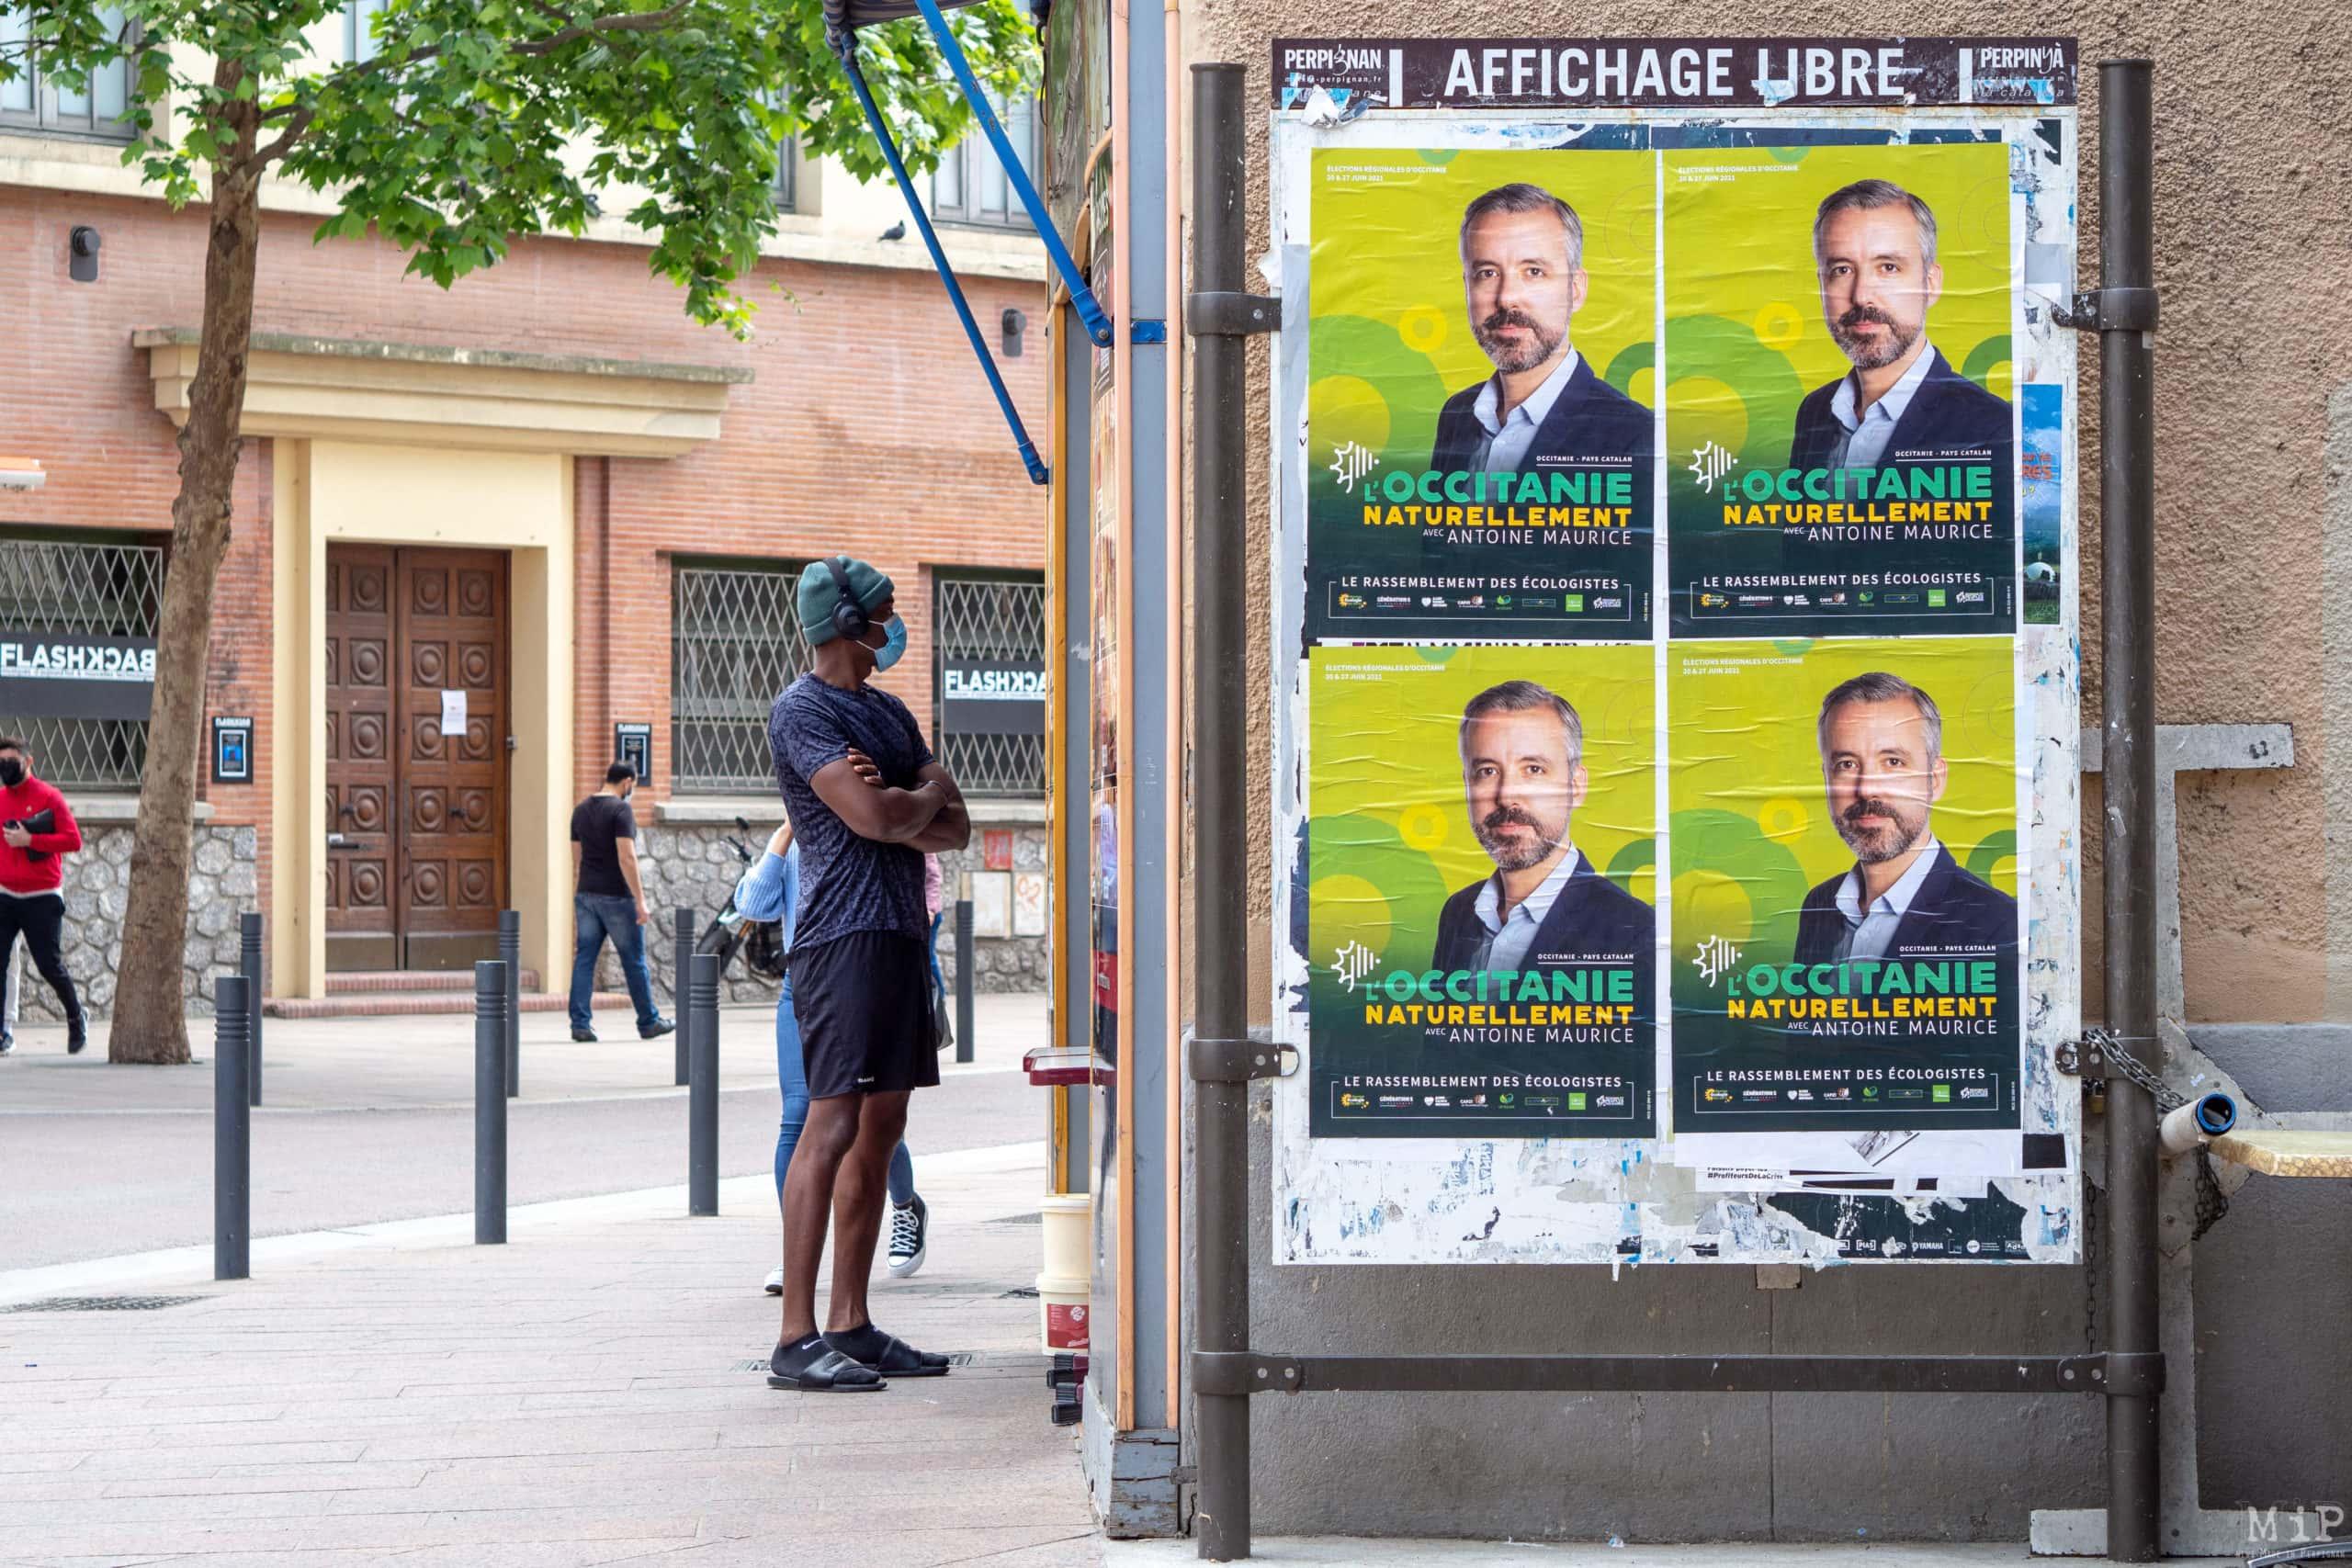 04/05/2021, Perpignan, France, Antoine Maurice affichage libre © Arnaud Le Vu / MiP